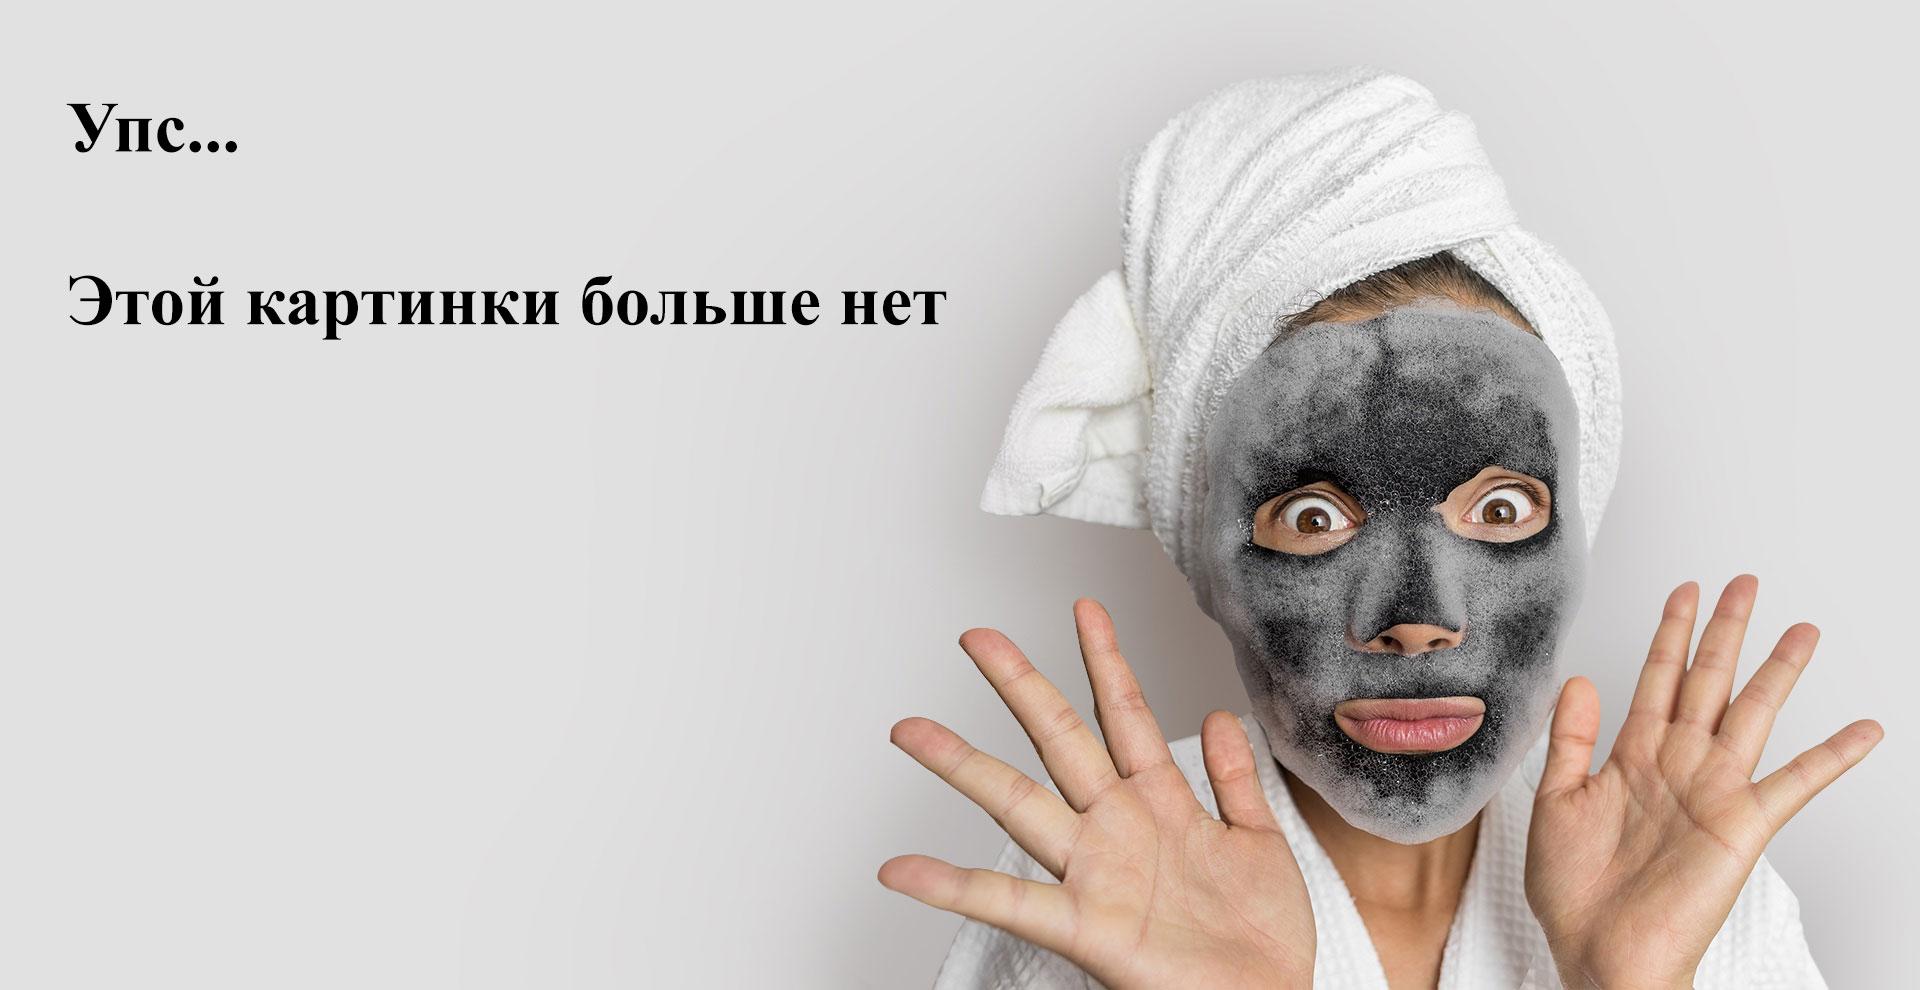 Milrish, Бальзам-кондиционер «Блеск и объем», 500 г